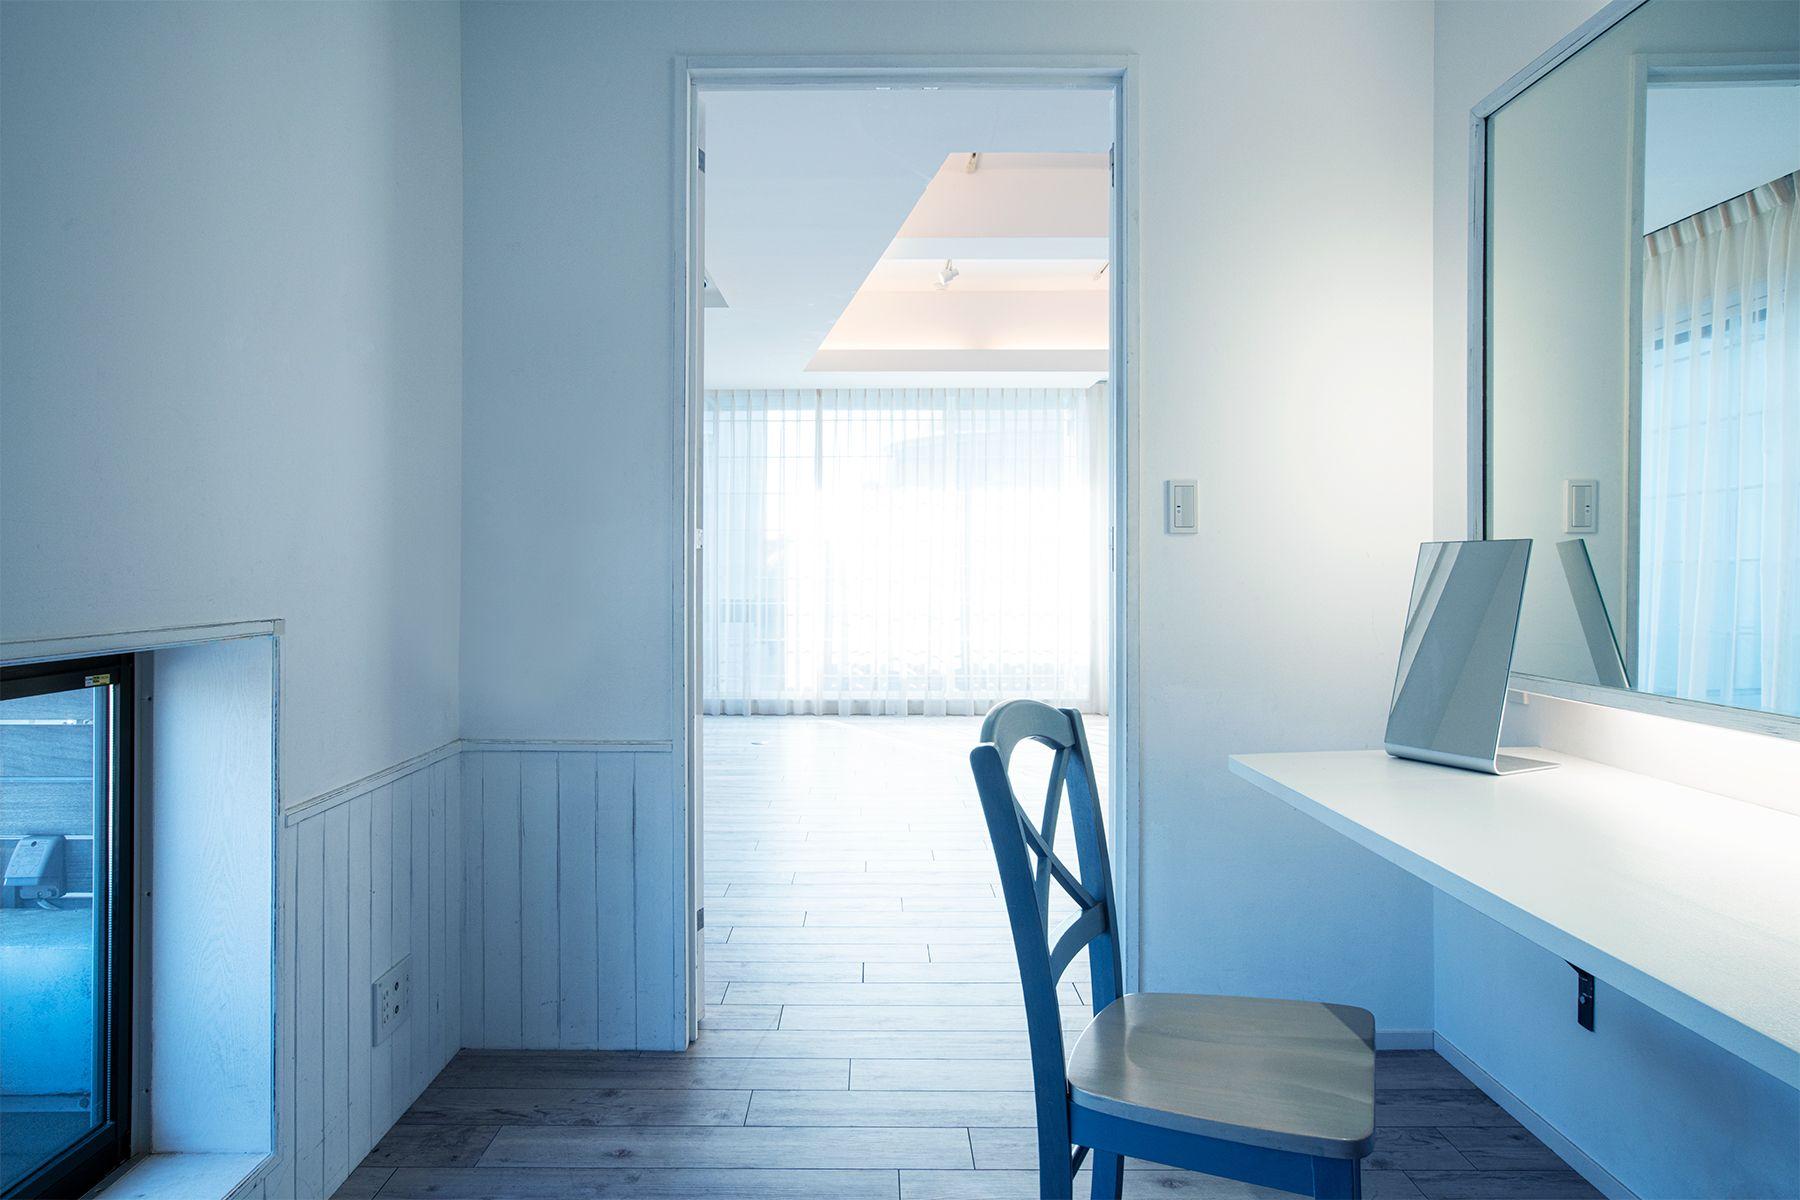 Studio TERRANOVA Dst  キッチン+バルコニー  (スタジオテラノヴァ)古木壁方面 / 西方角